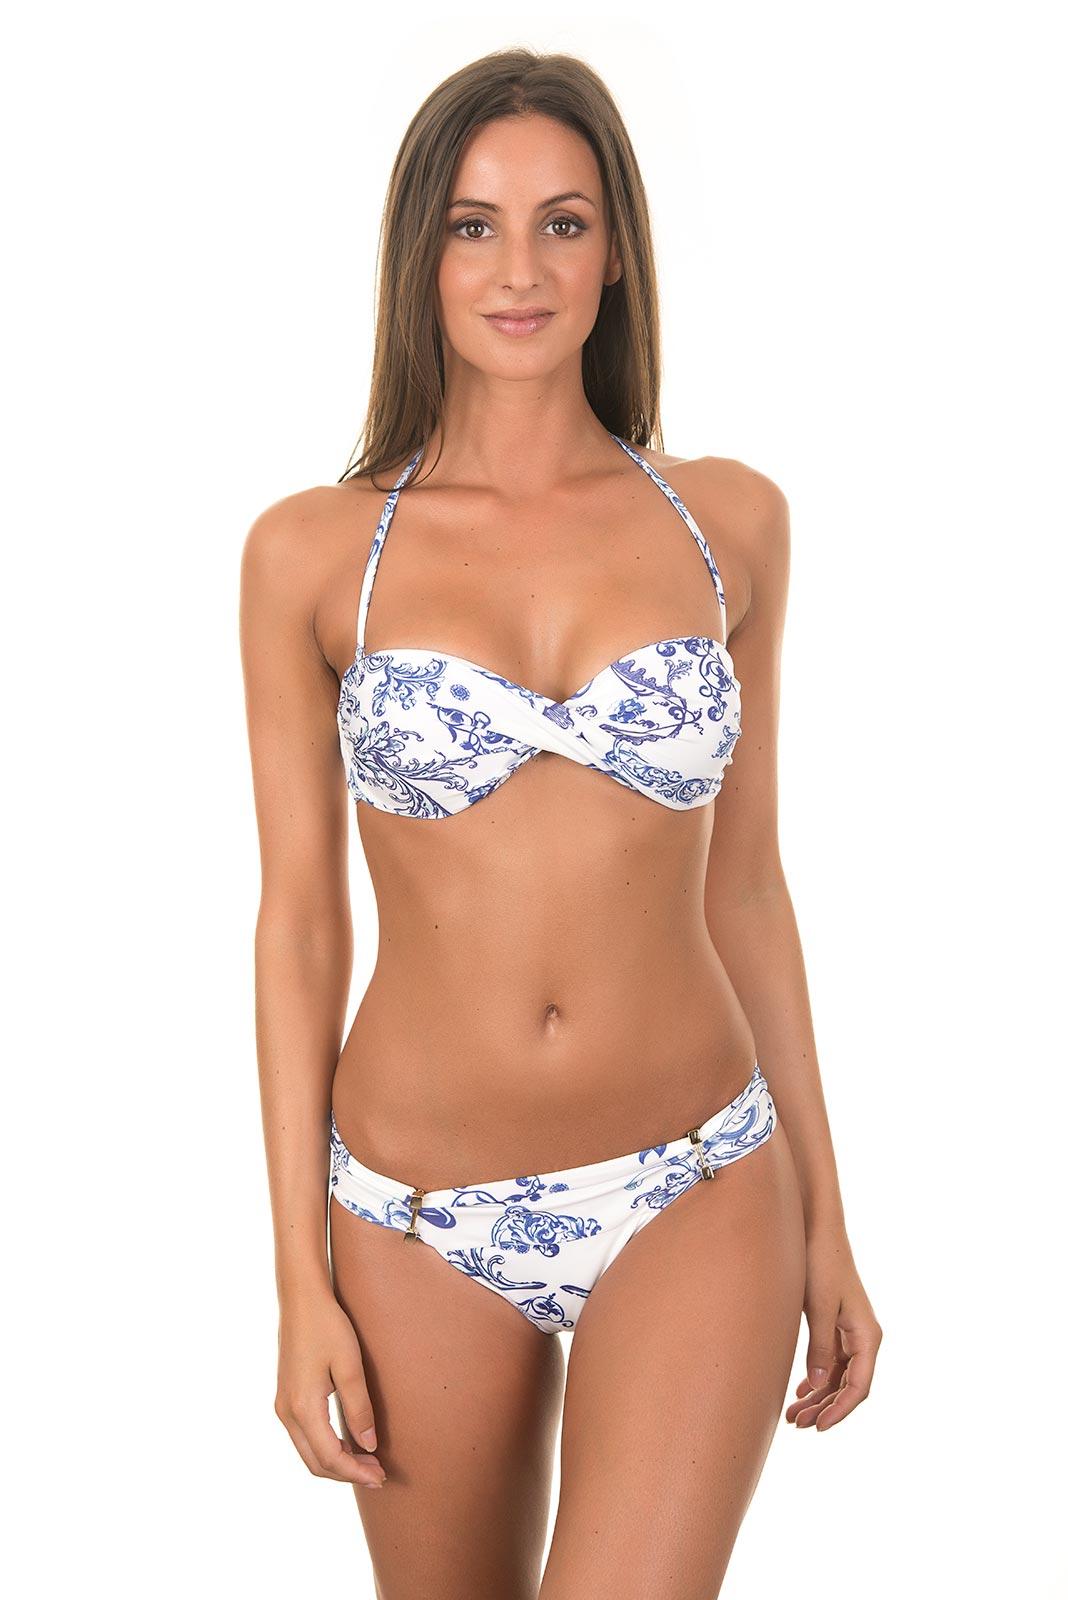 bikini små bryster xl Tårs